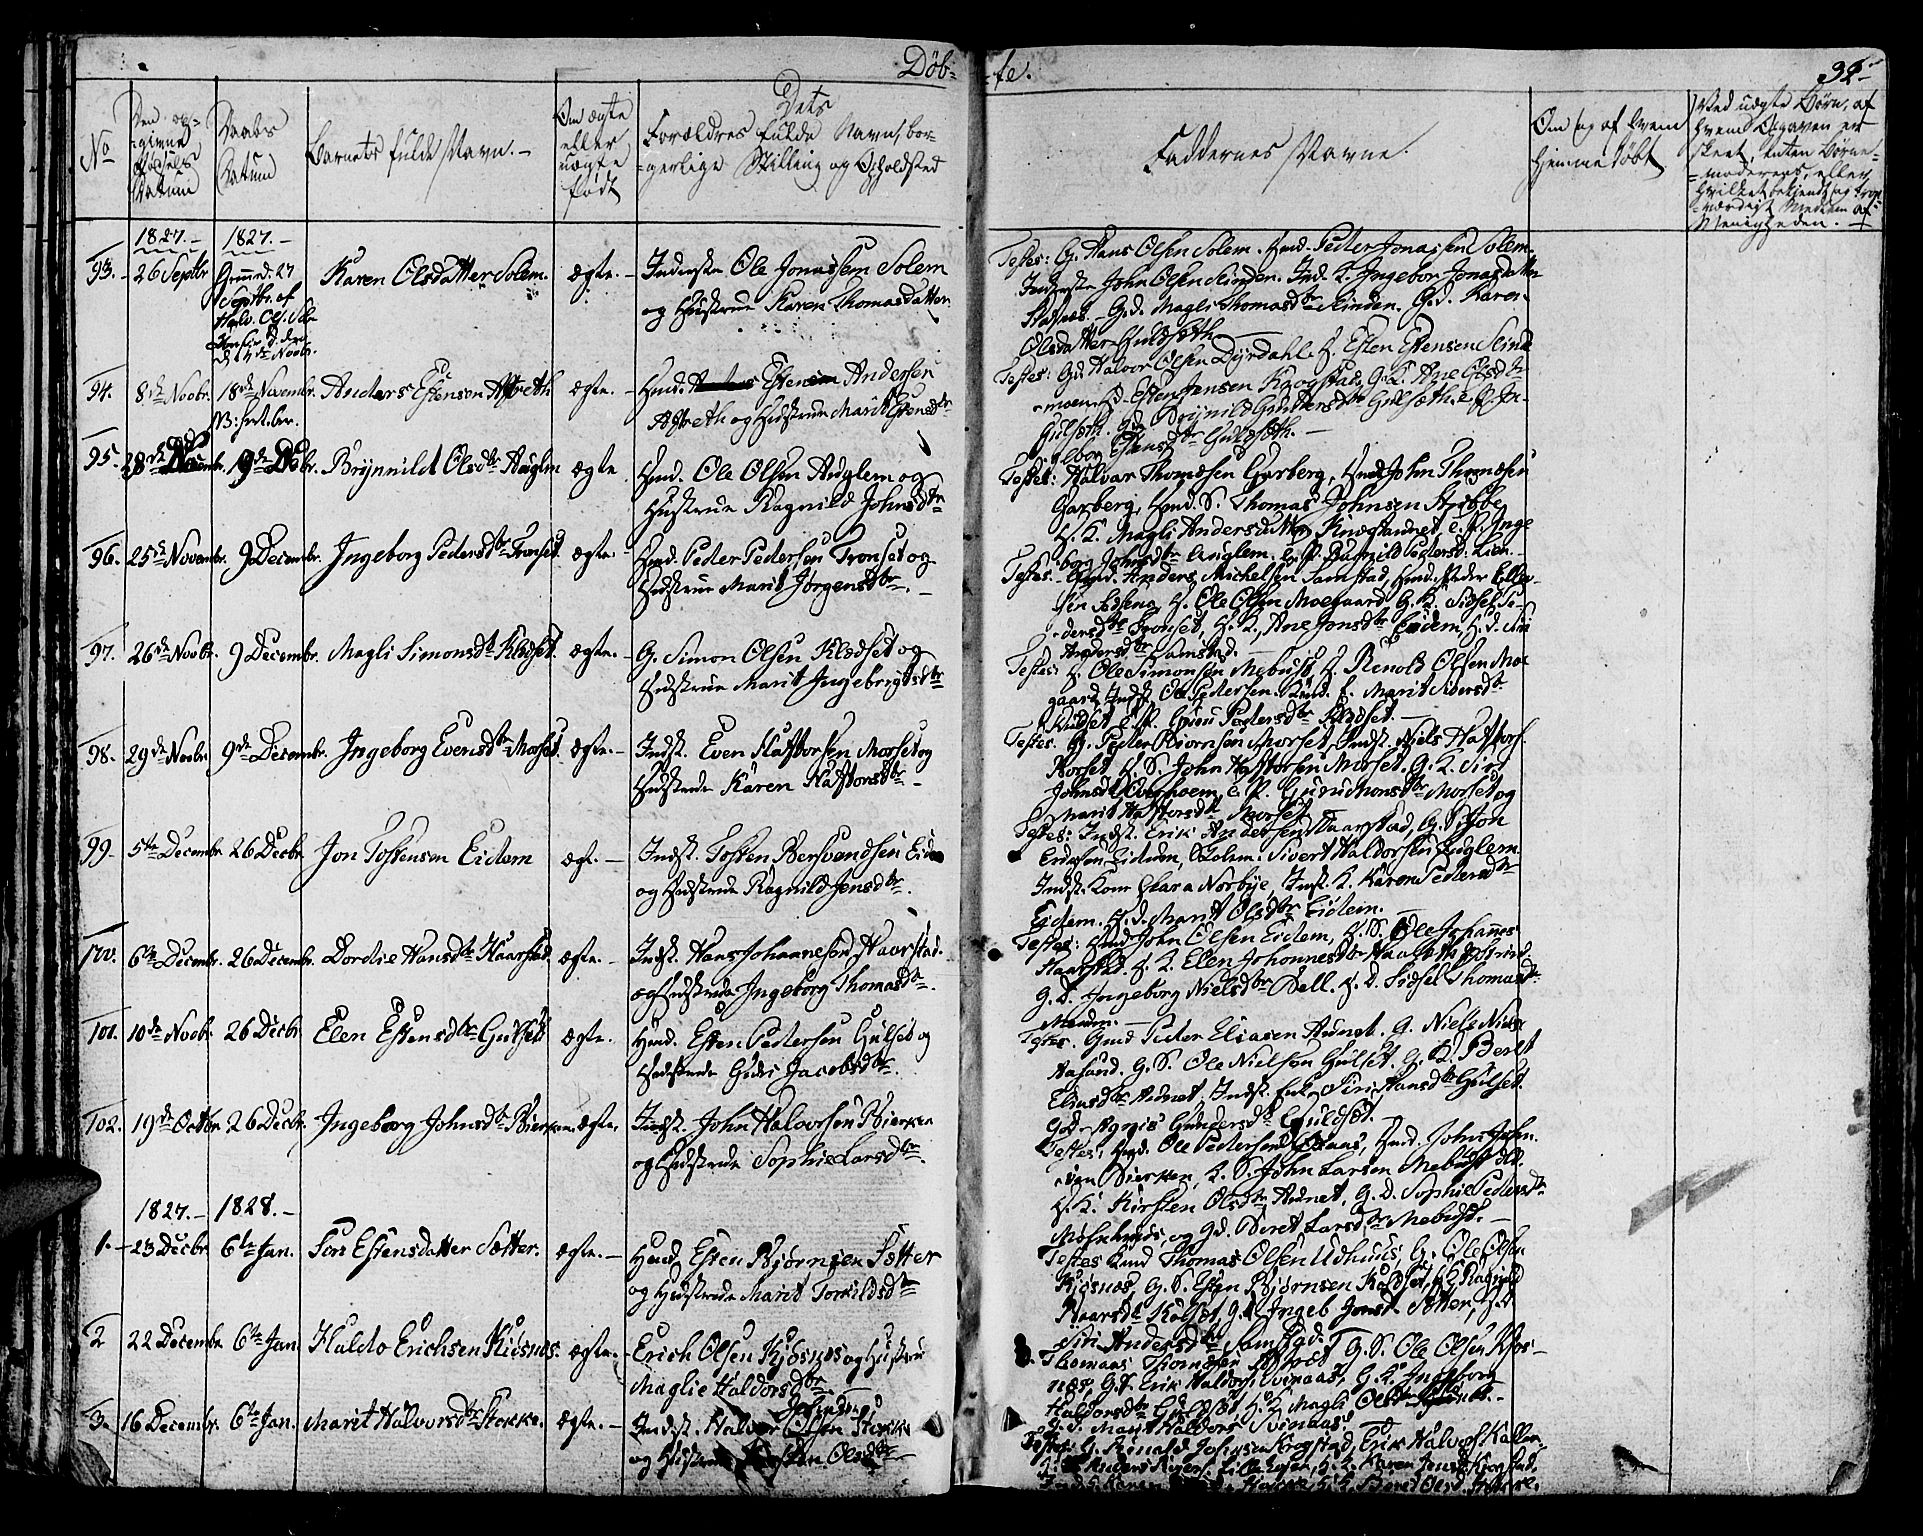 SAT, Ministerialprotokoller, klokkerbøker og fødselsregistre - Sør-Trøndelag, 695/L1143: Ministerialbok nr. 695A05 /1, 1824-1842, s. 32